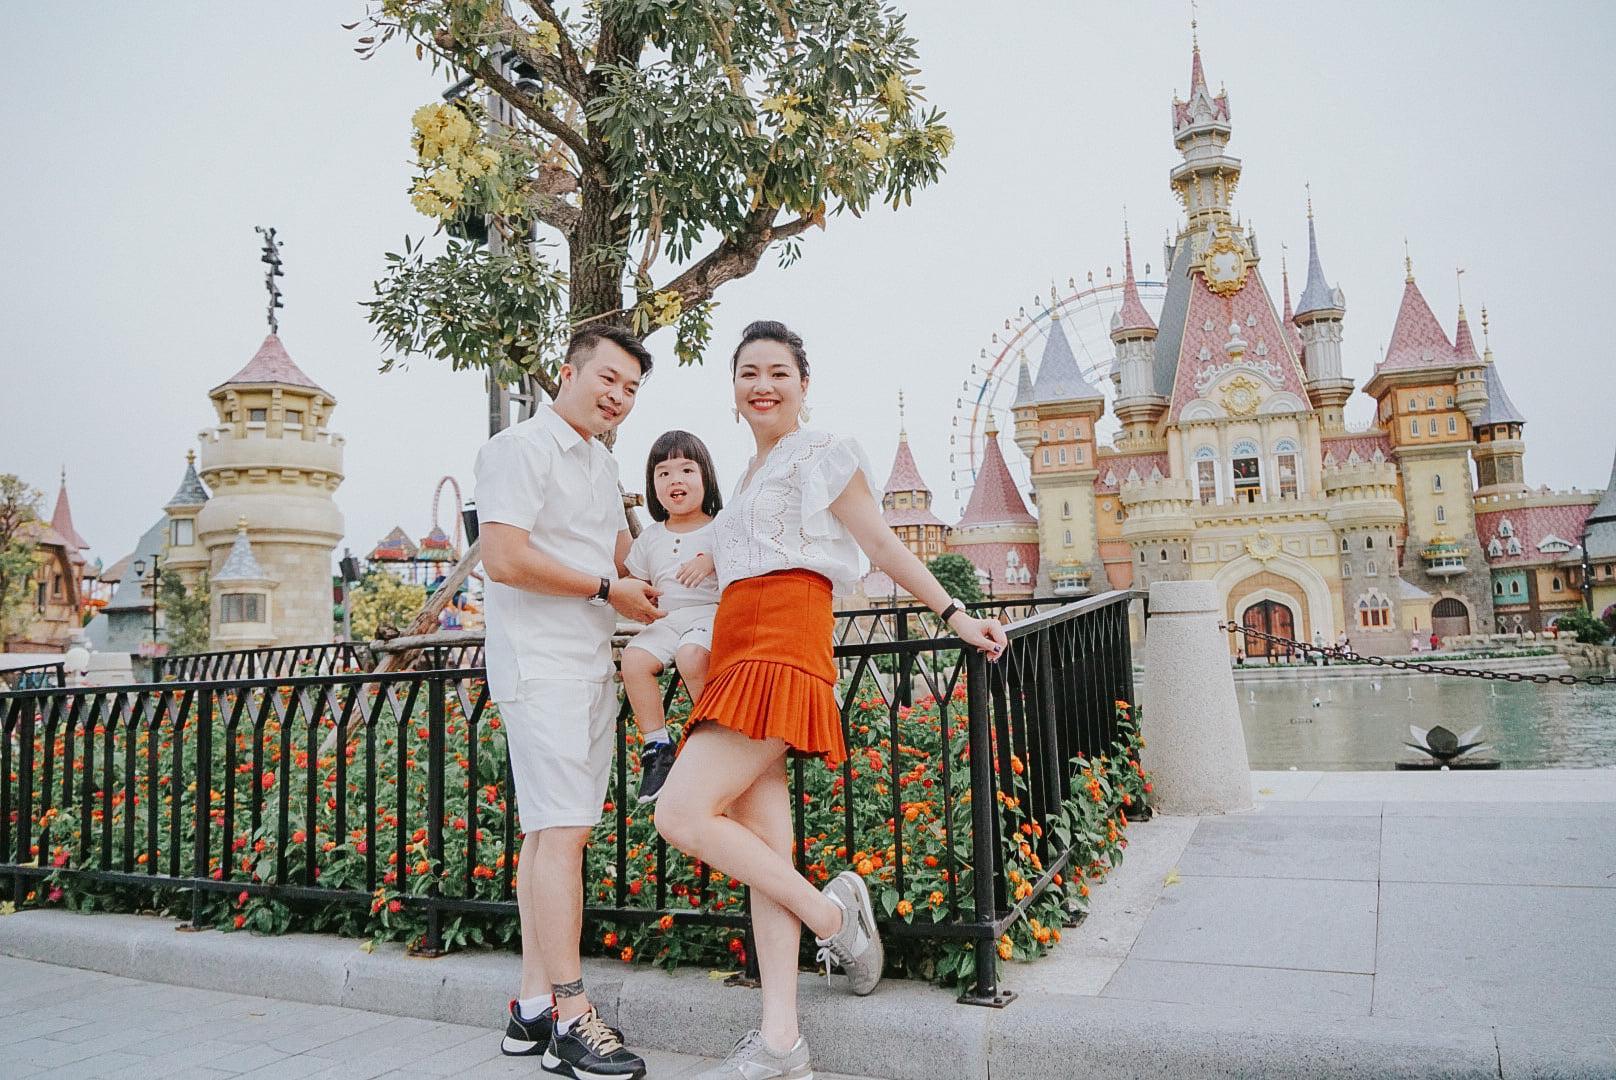 Diễn viên Lê Khánh cho con trai để tóc dài như con gái, lạ nhất là câu trả lời khi có người hỏi giới tính của con Ảnh 1